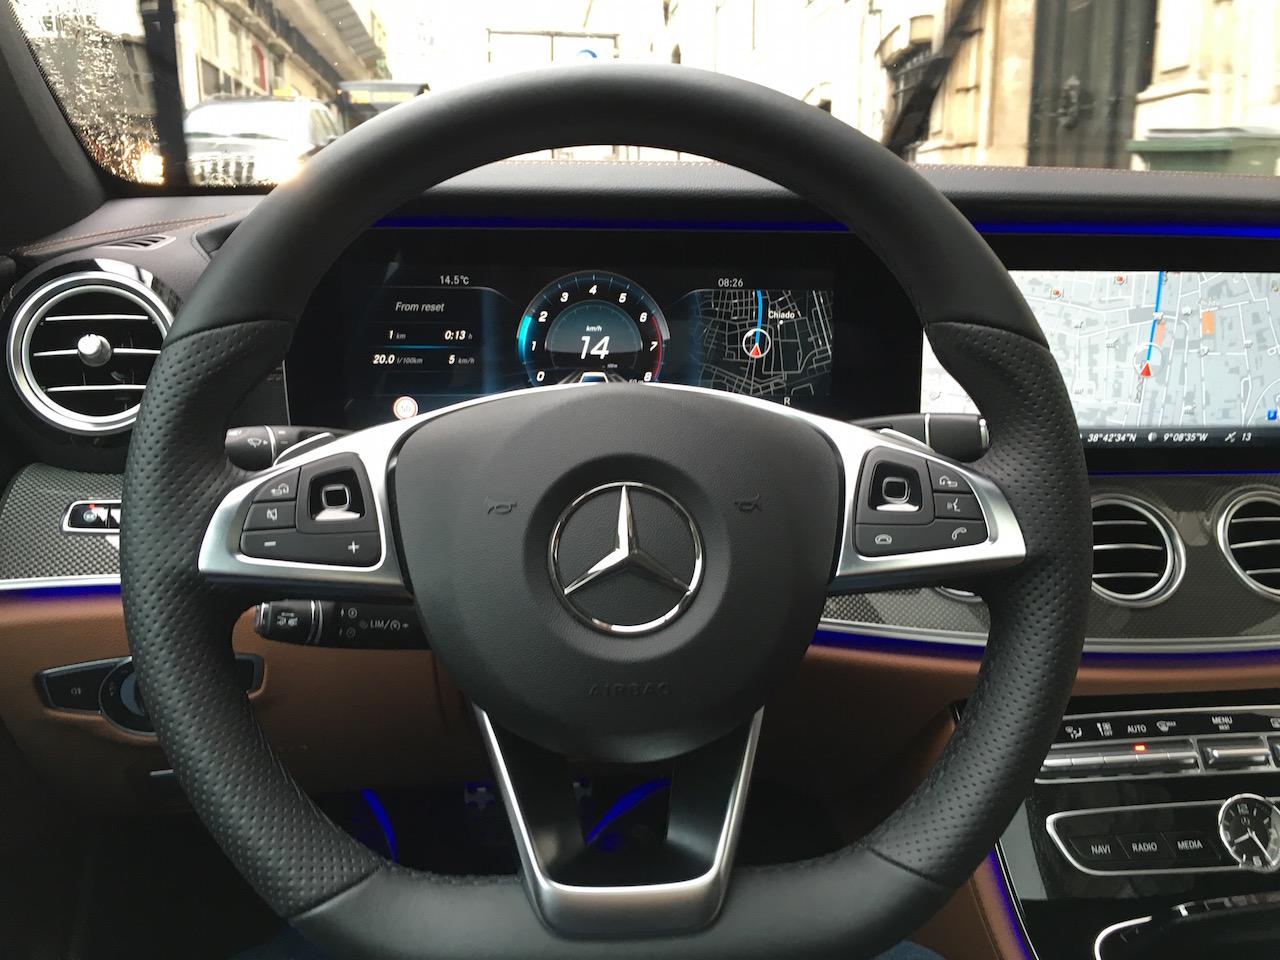 Mercedes-Benz E-Klasse W213 Fahrbericht | NewGadgets.de